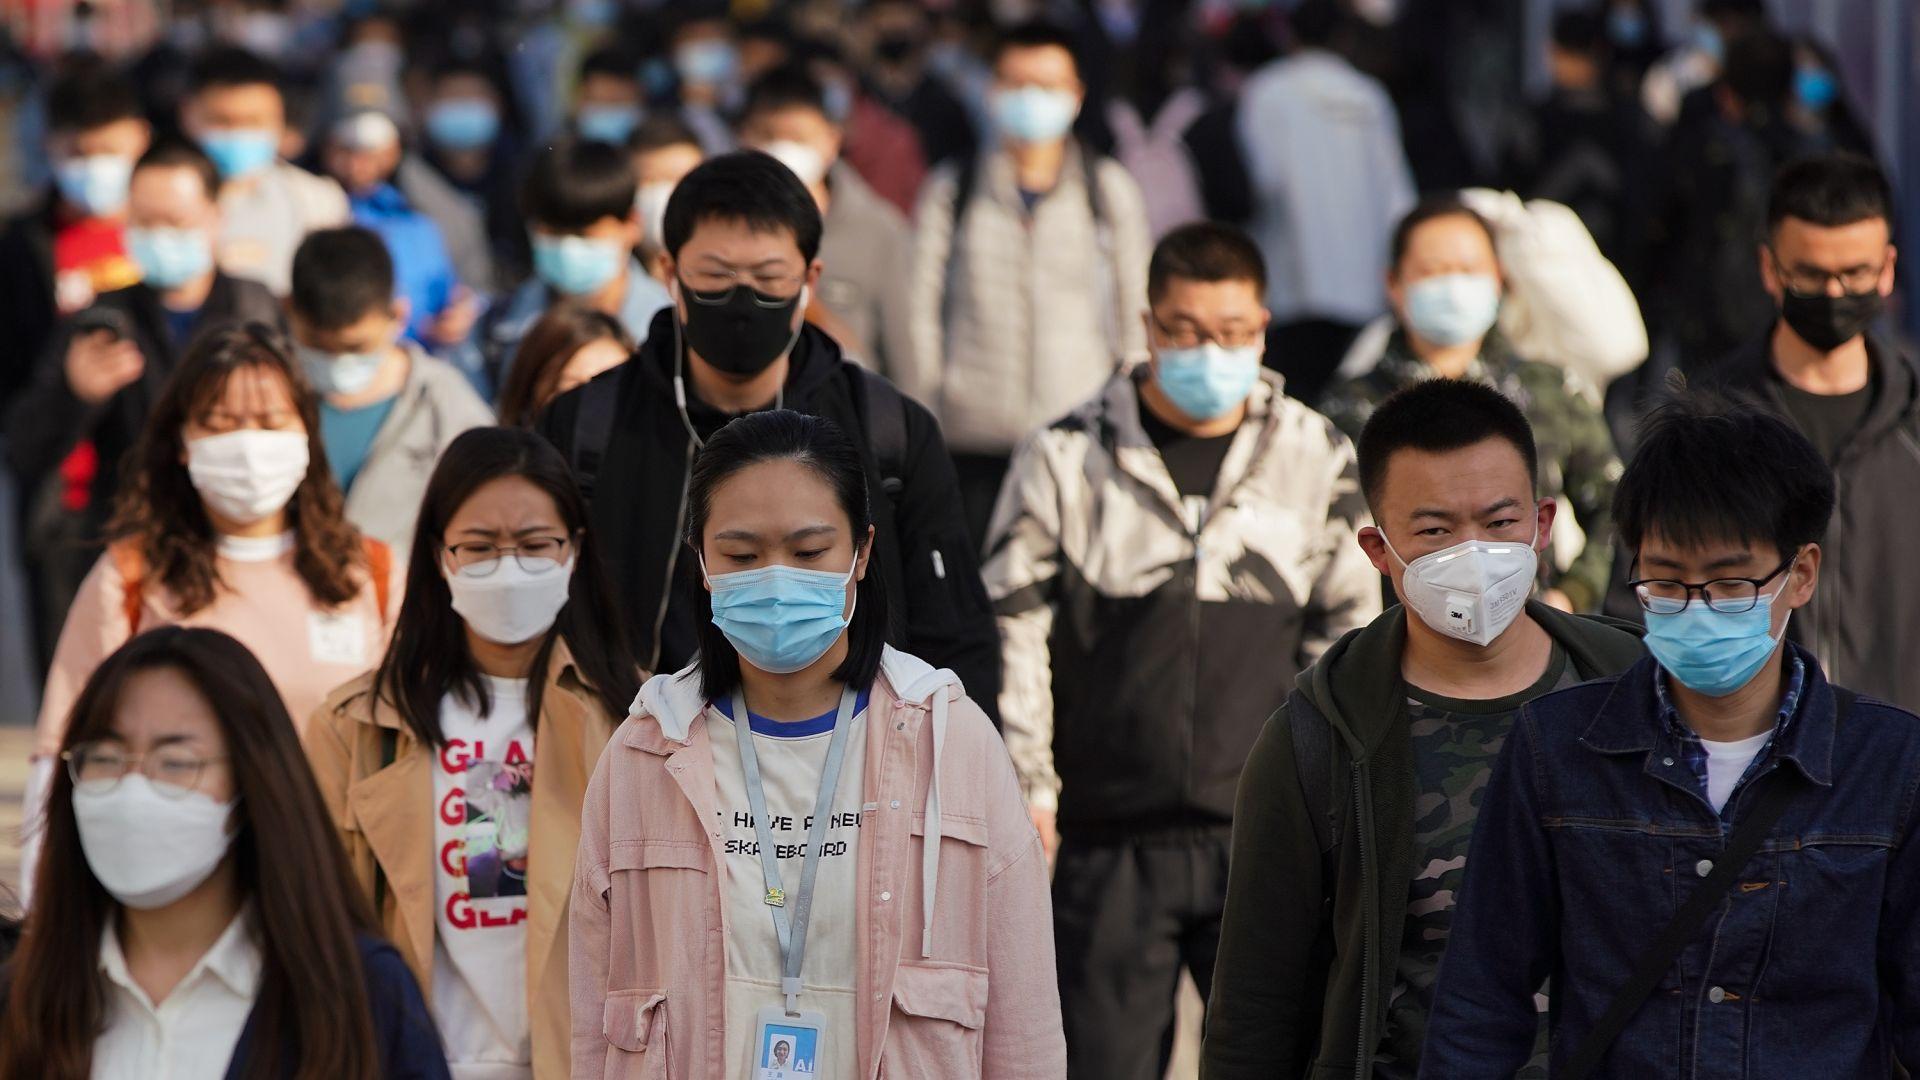 На фона на пандемията на коронавирус, тръгнала именно от Китай,